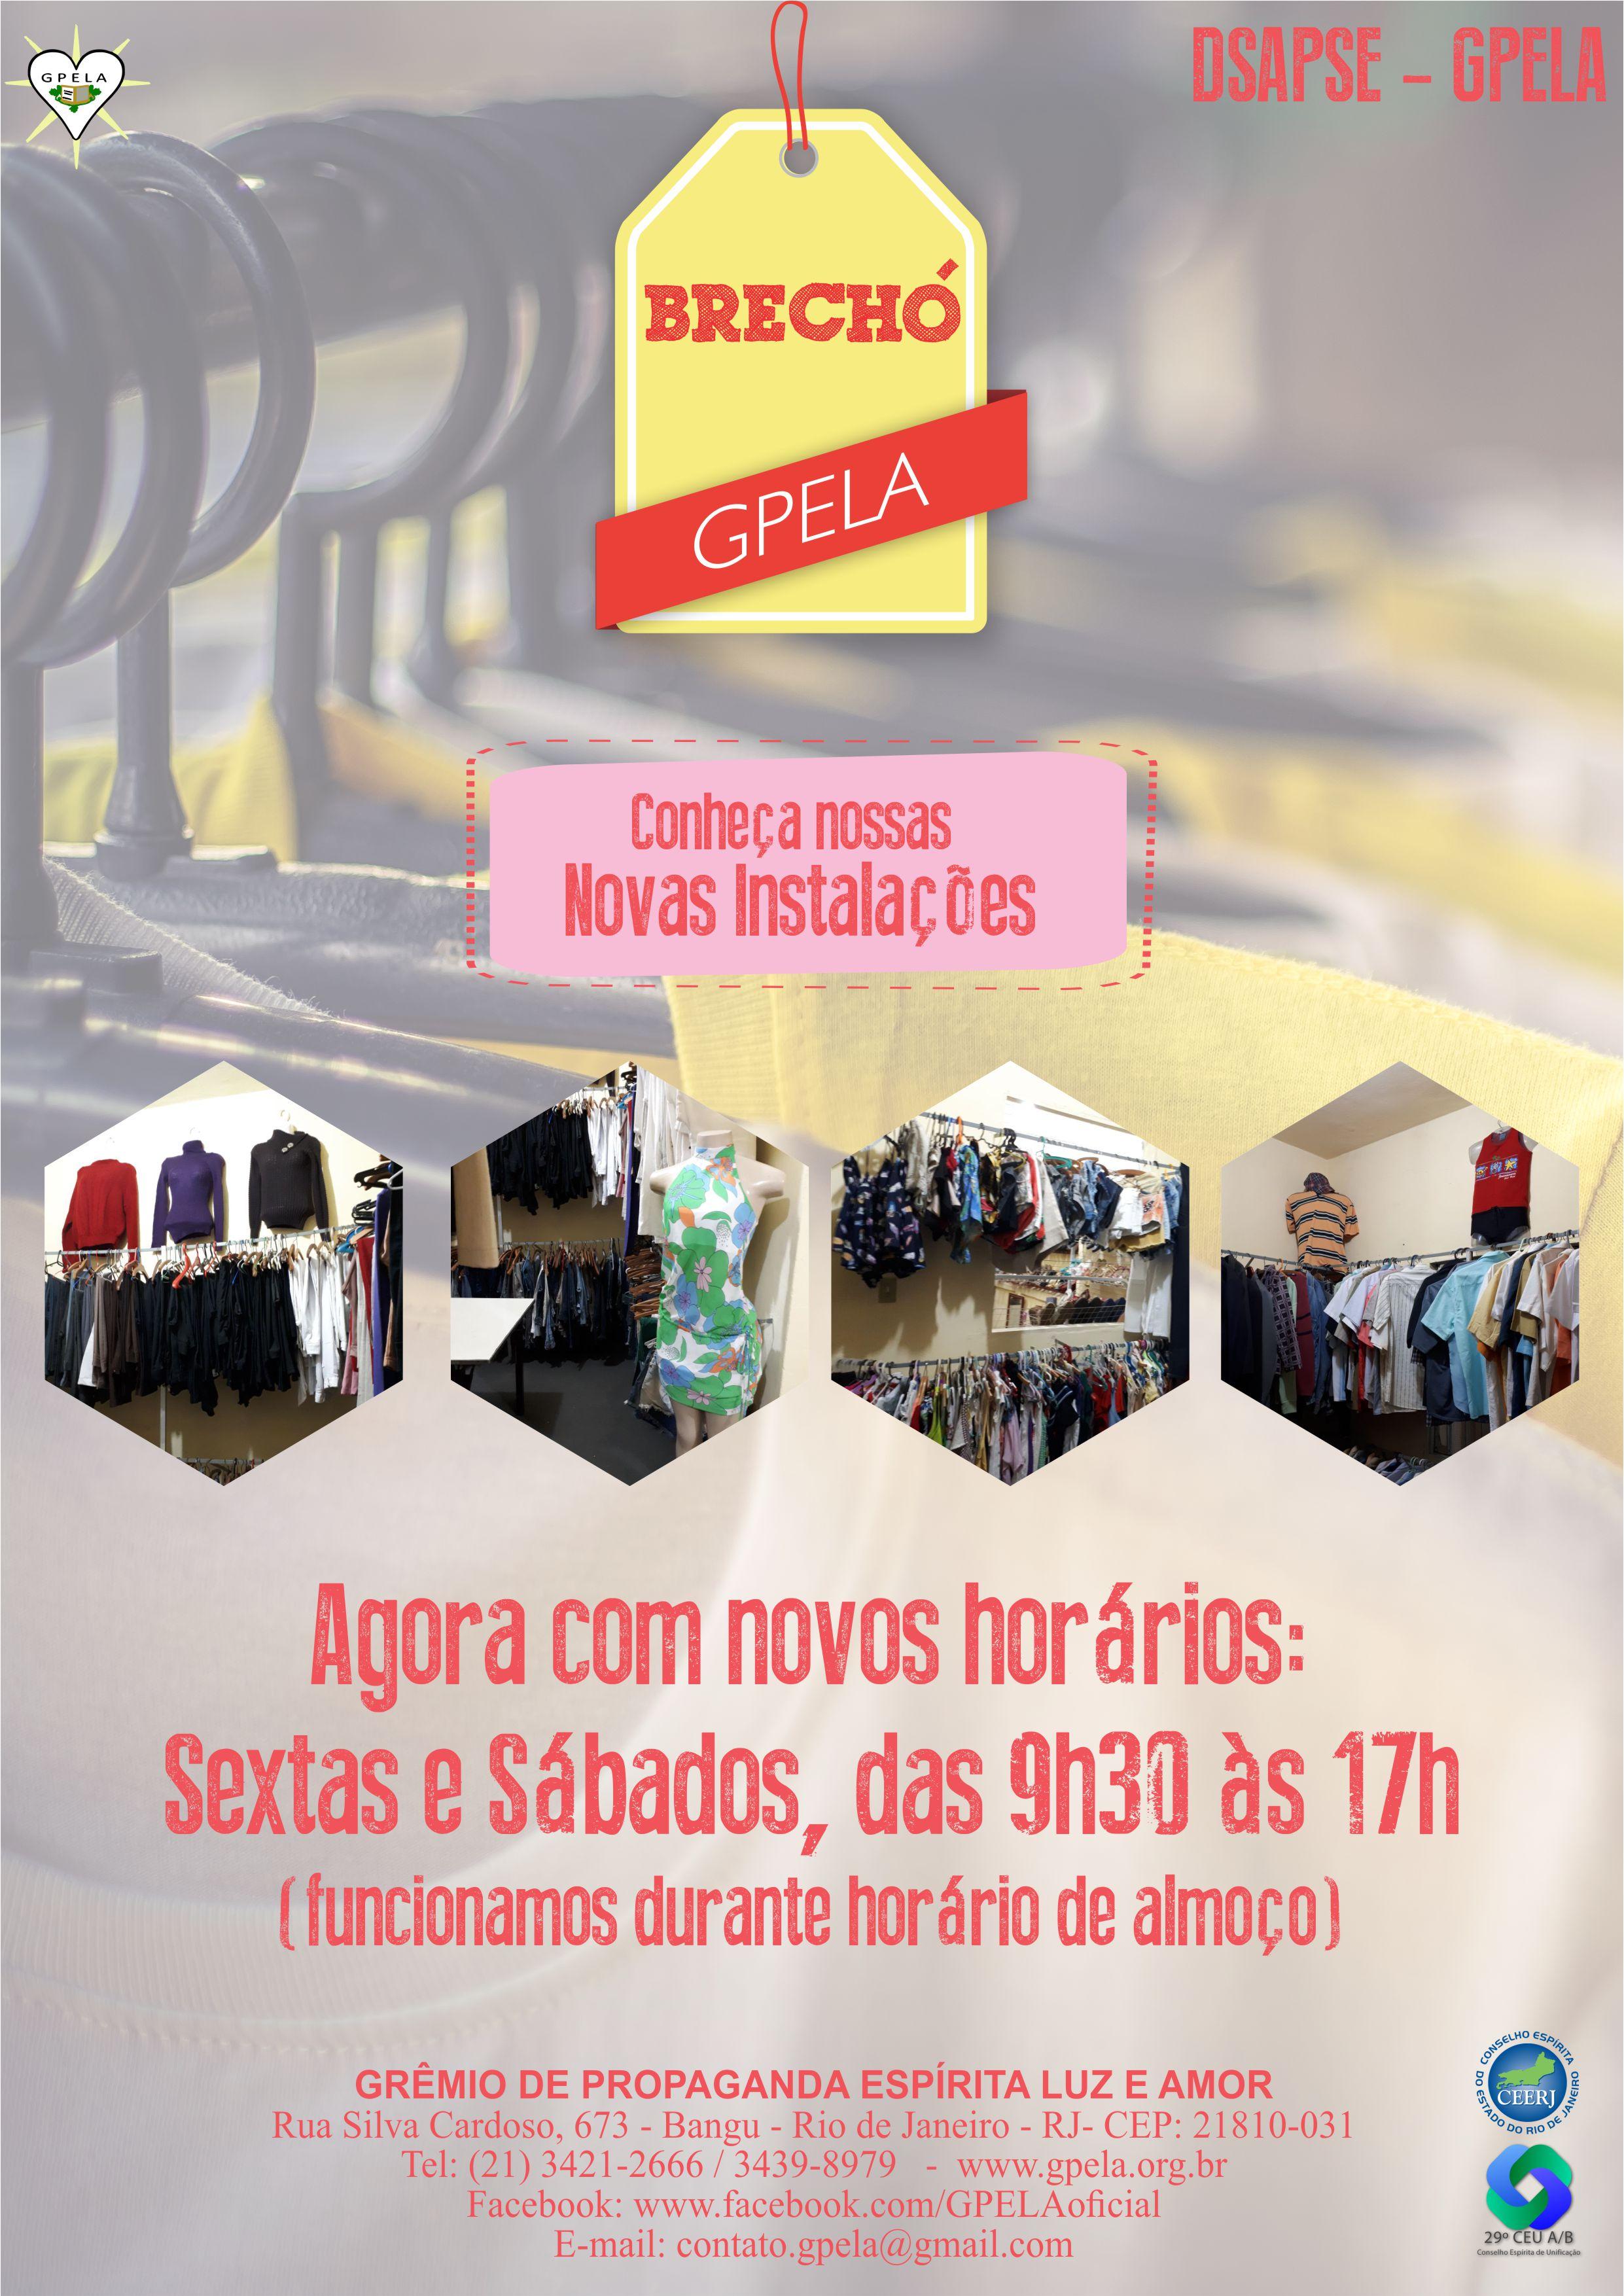 Brechó Gpela – Todas sexta e sábados, das 9:30h às 17h.